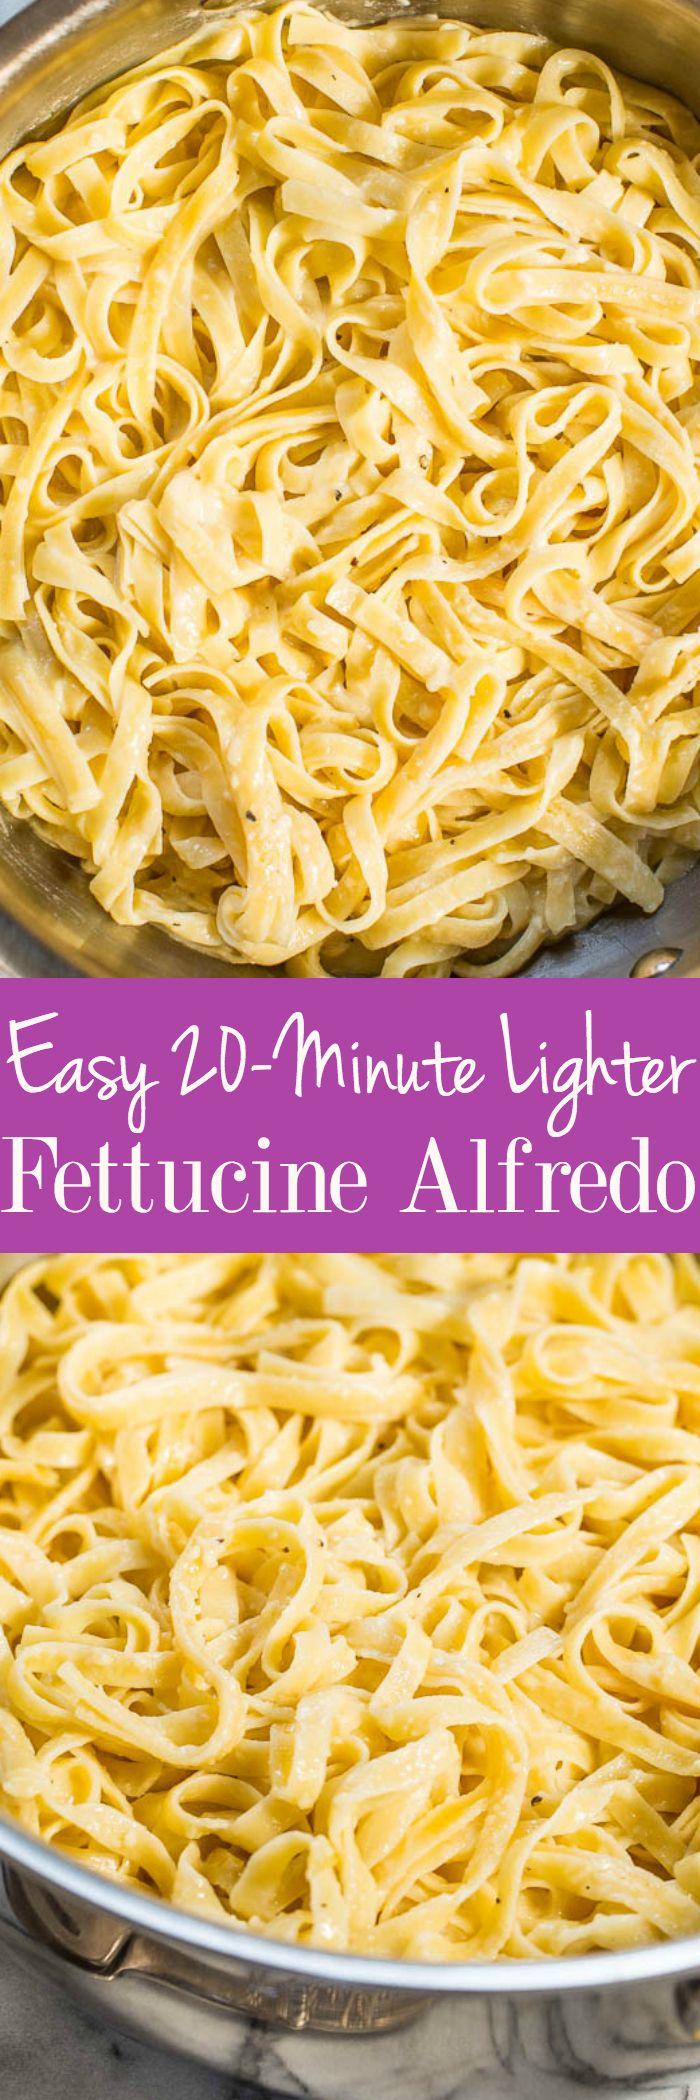 Easy 20-Minute Lighter Fettucine Alfredo